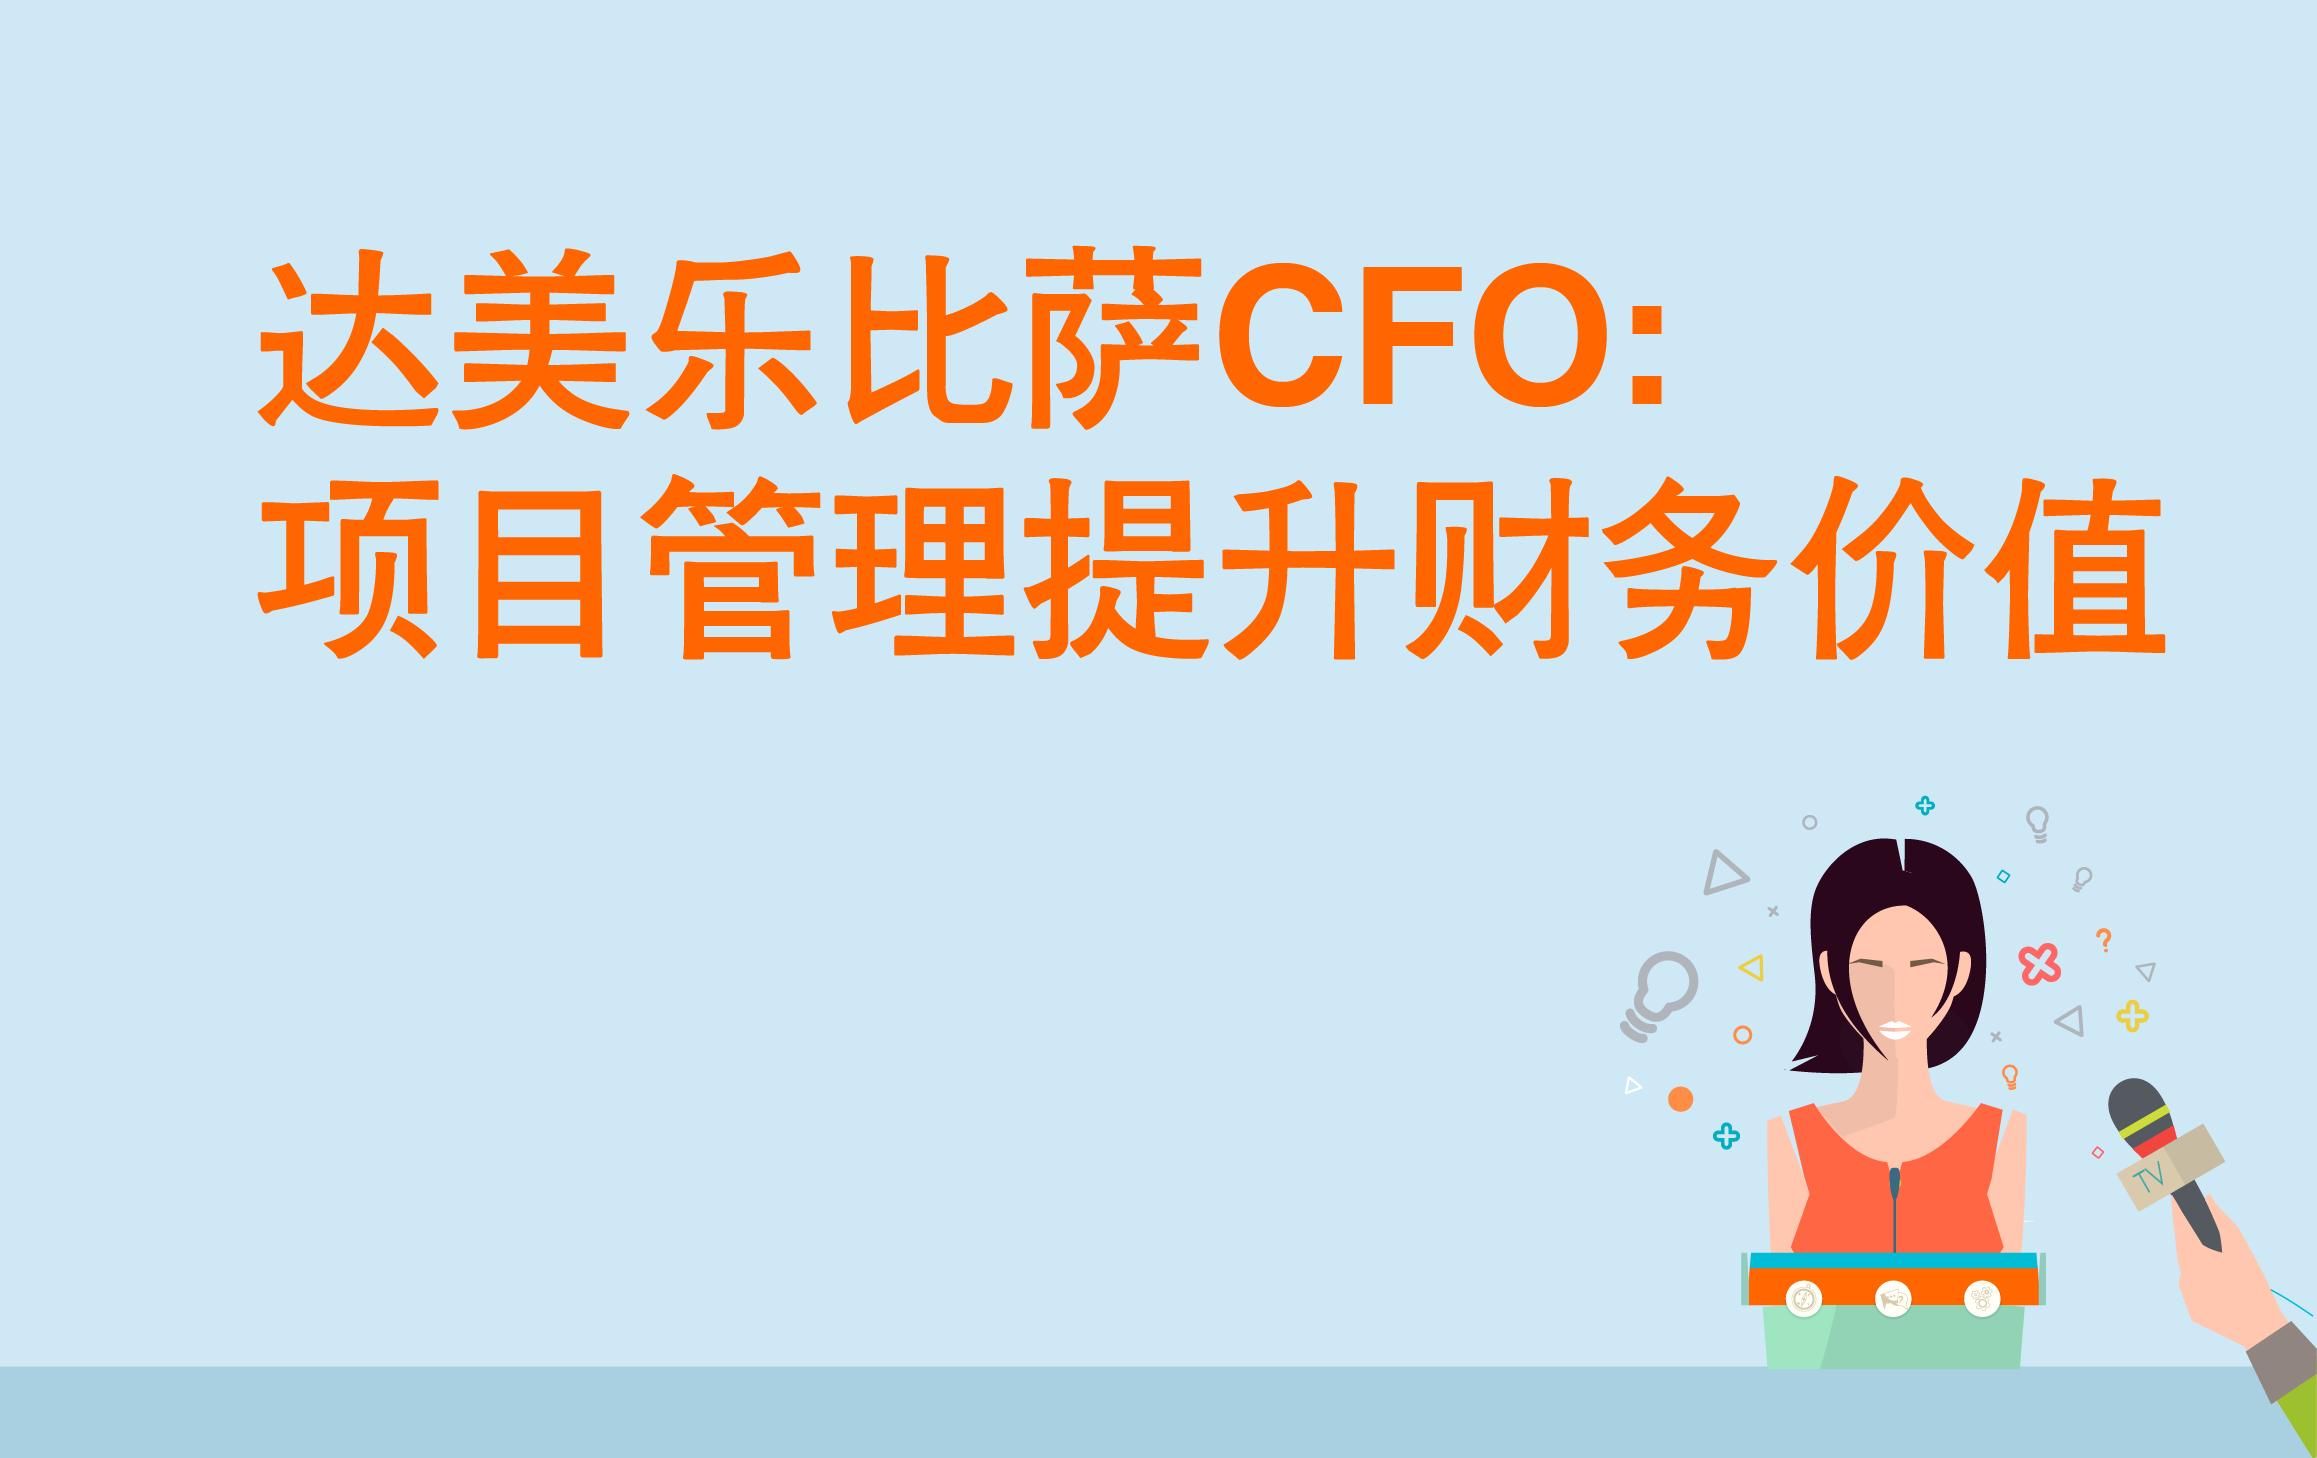 达美乐比萨CFO谈利用项目管理提升财务价值